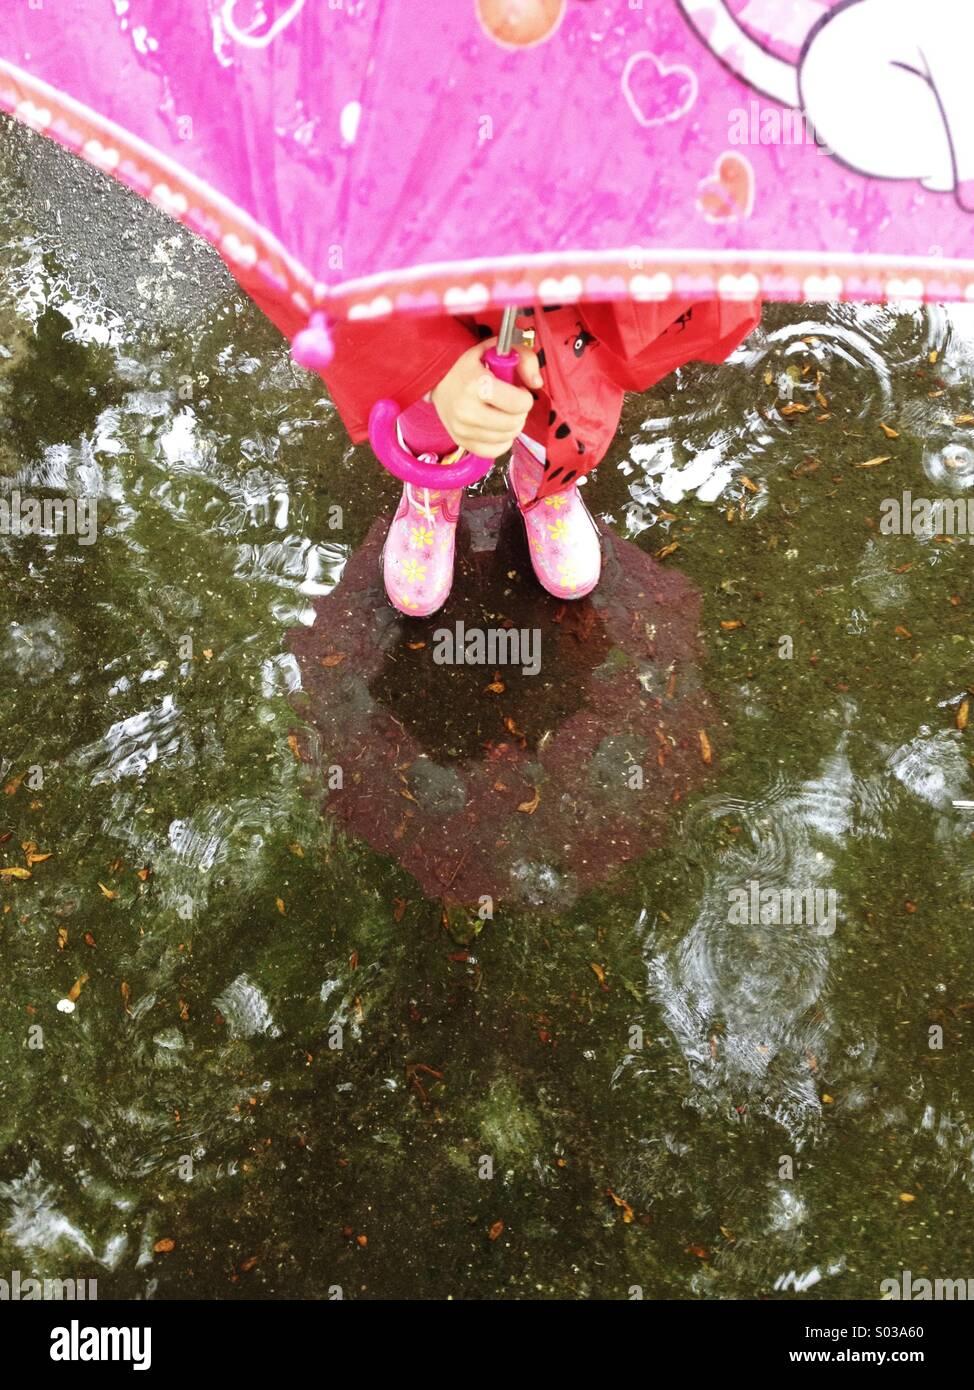 Avec parapluie enfant debout dans la flaque Photo Stock